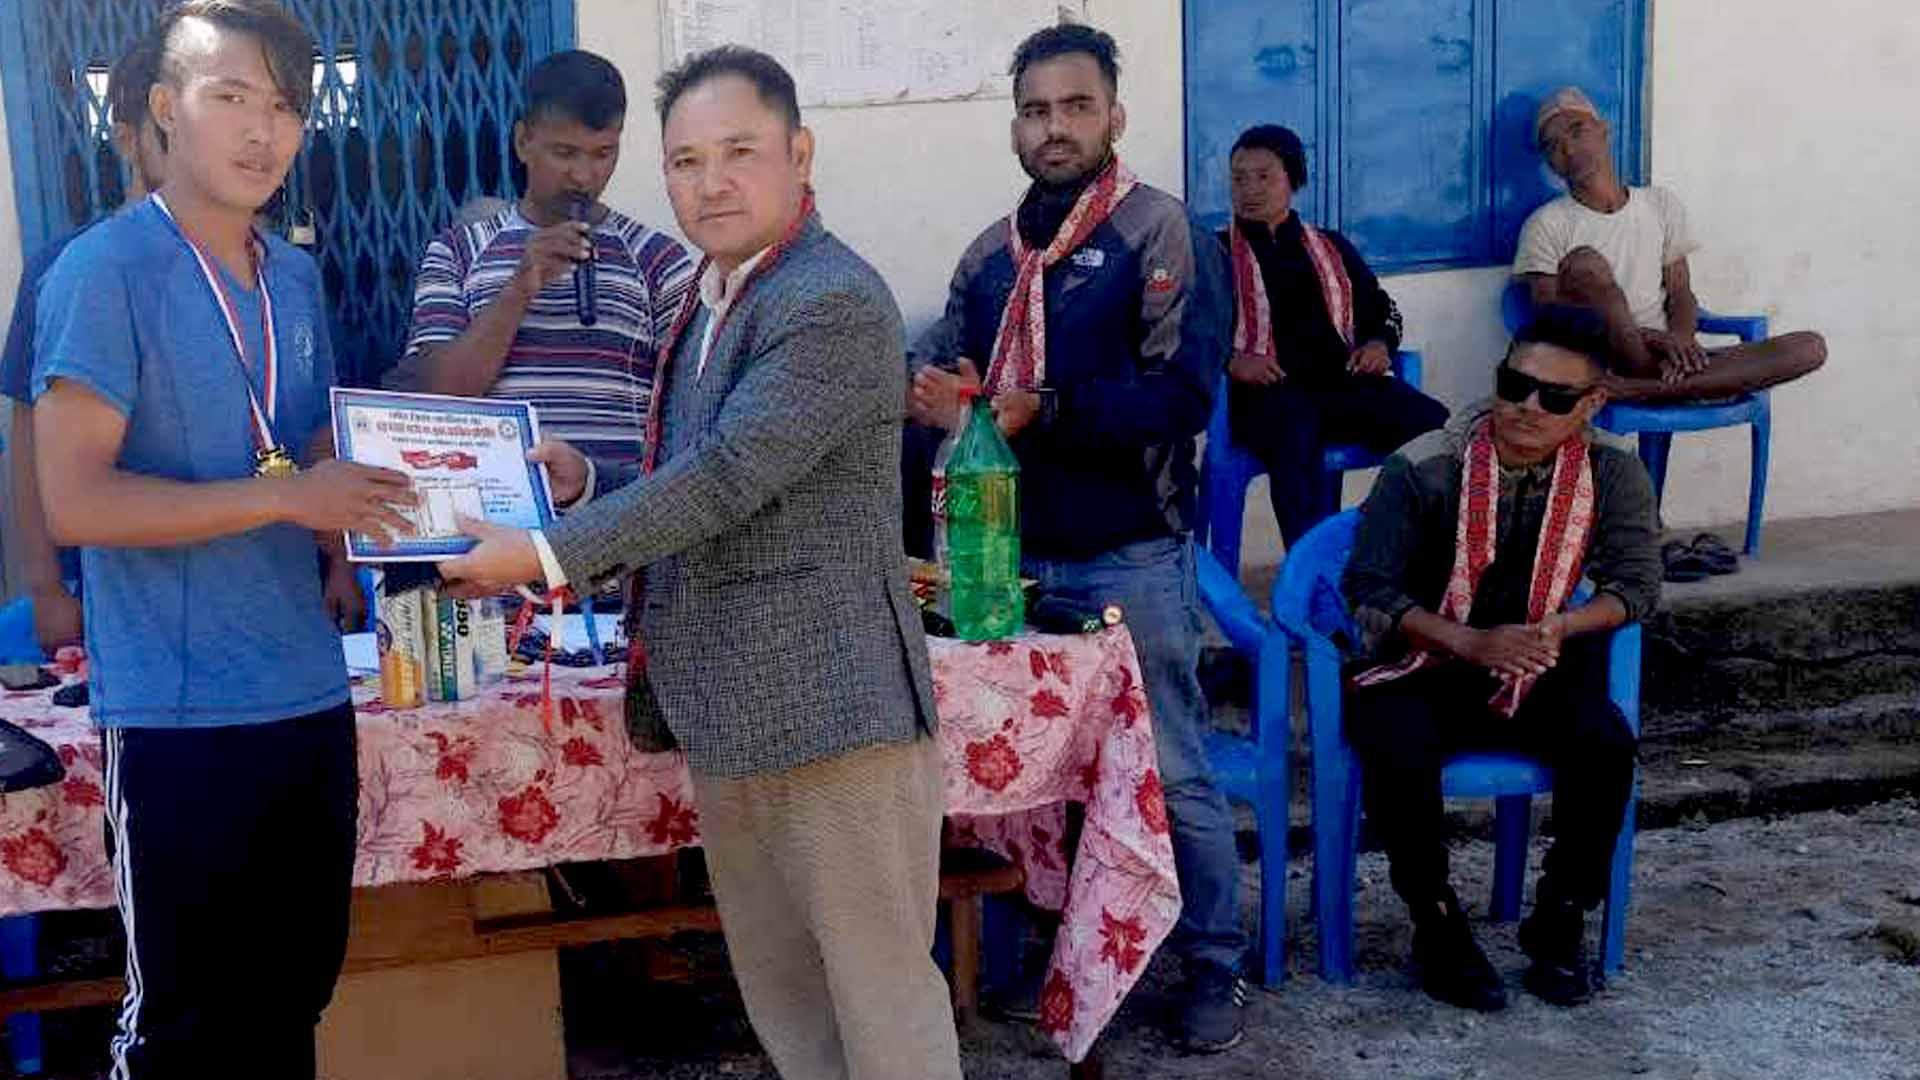 नेत्रावती डबजोङमा आयोजित ब्याडमिन्टन प्रतियोगिताको उपाधि तामाङलाई